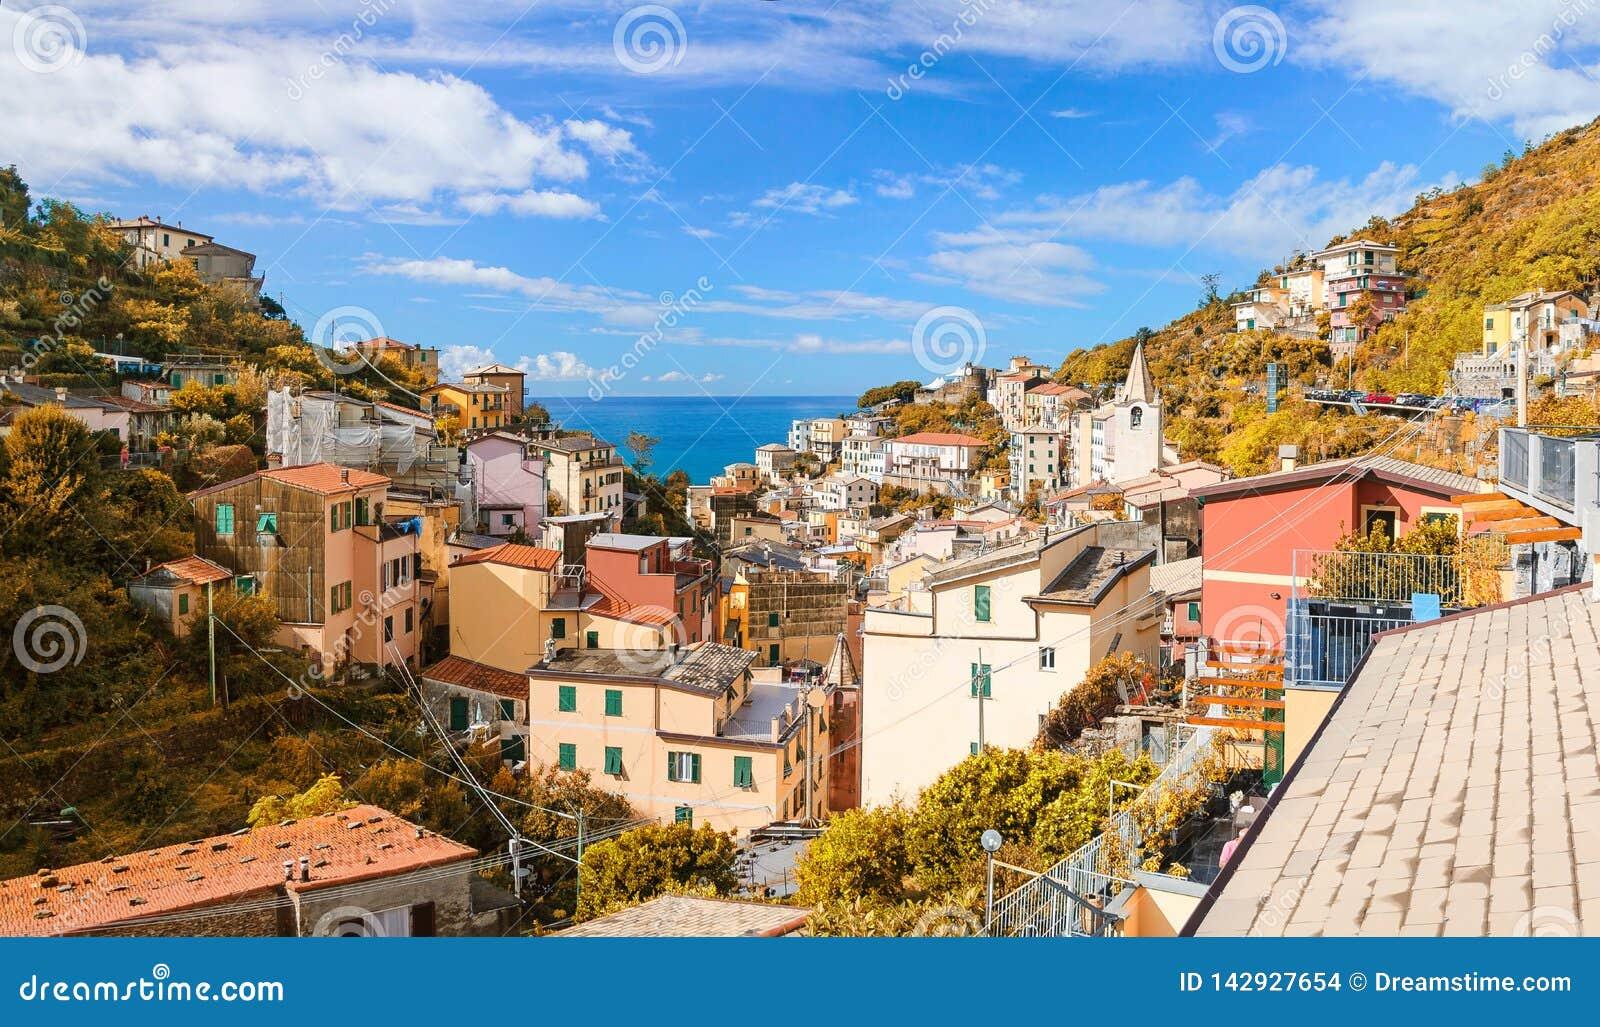 Autumn view of Riomaggiore town